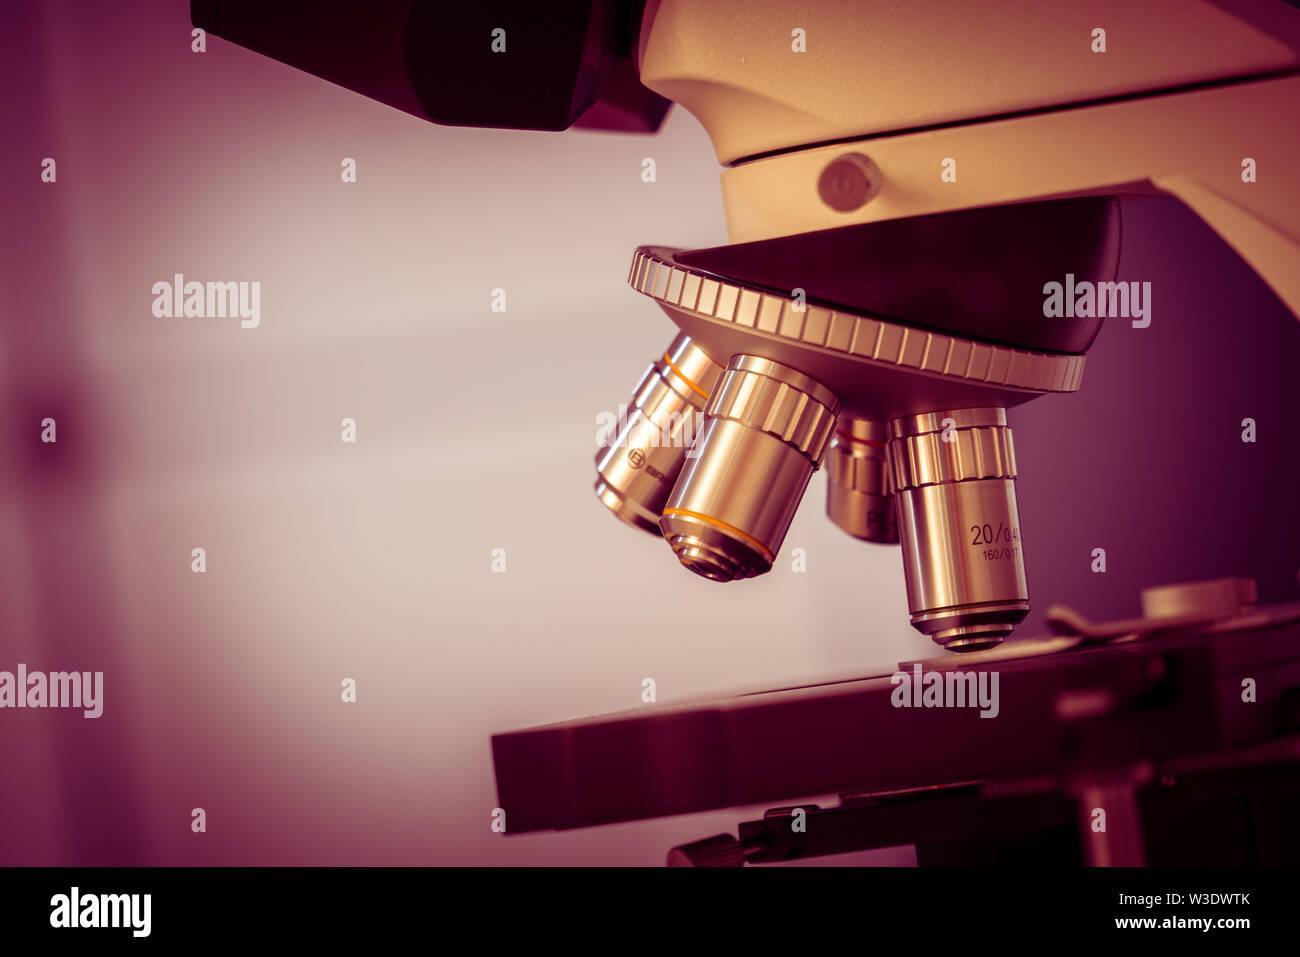 Expérience scientifique en laboratoire de microbiologie. Microscope et tube à essai Photo Stock